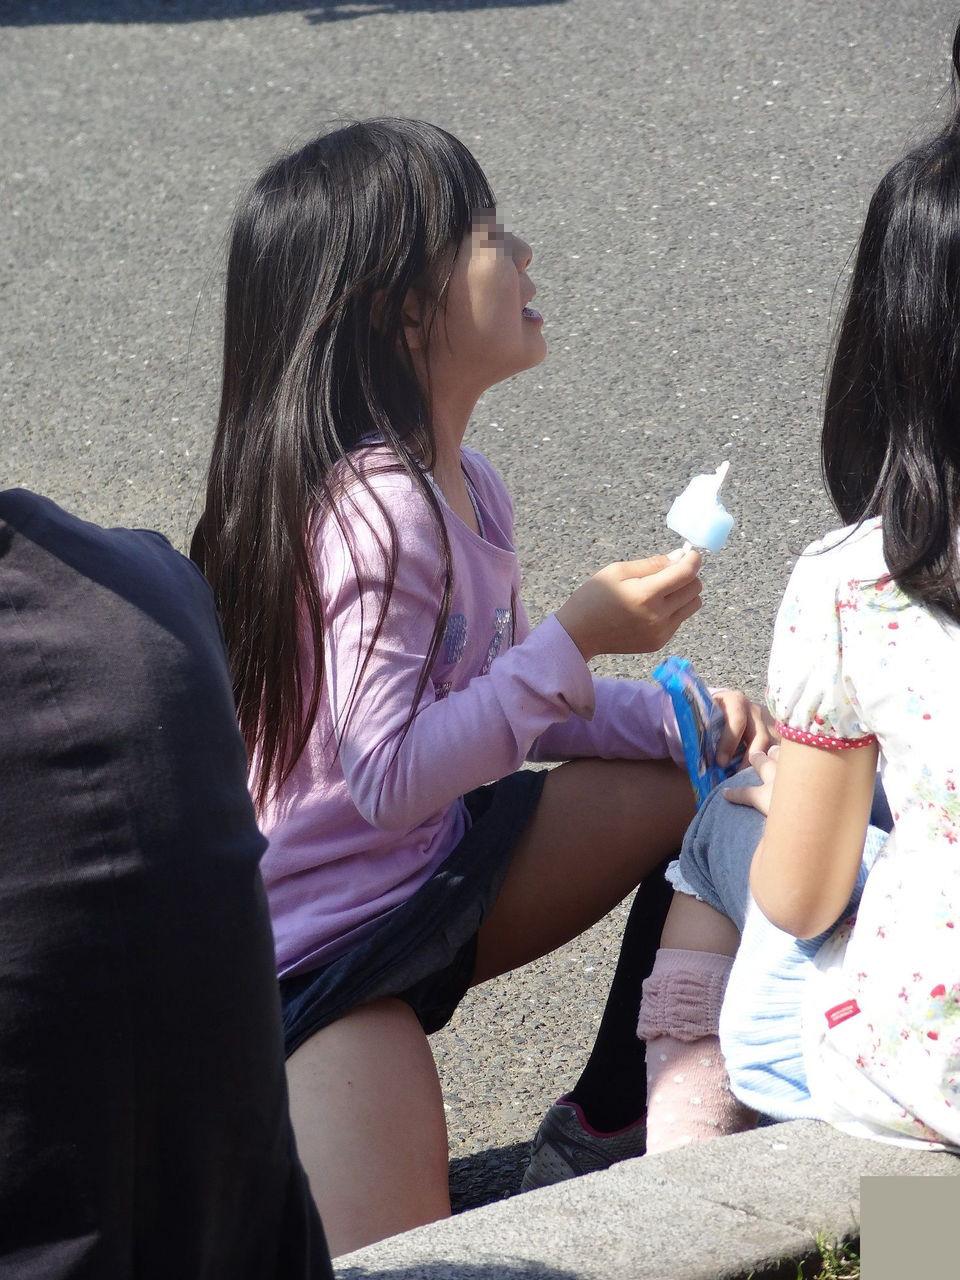 アイスを食べながら下着が丸見えの少女!